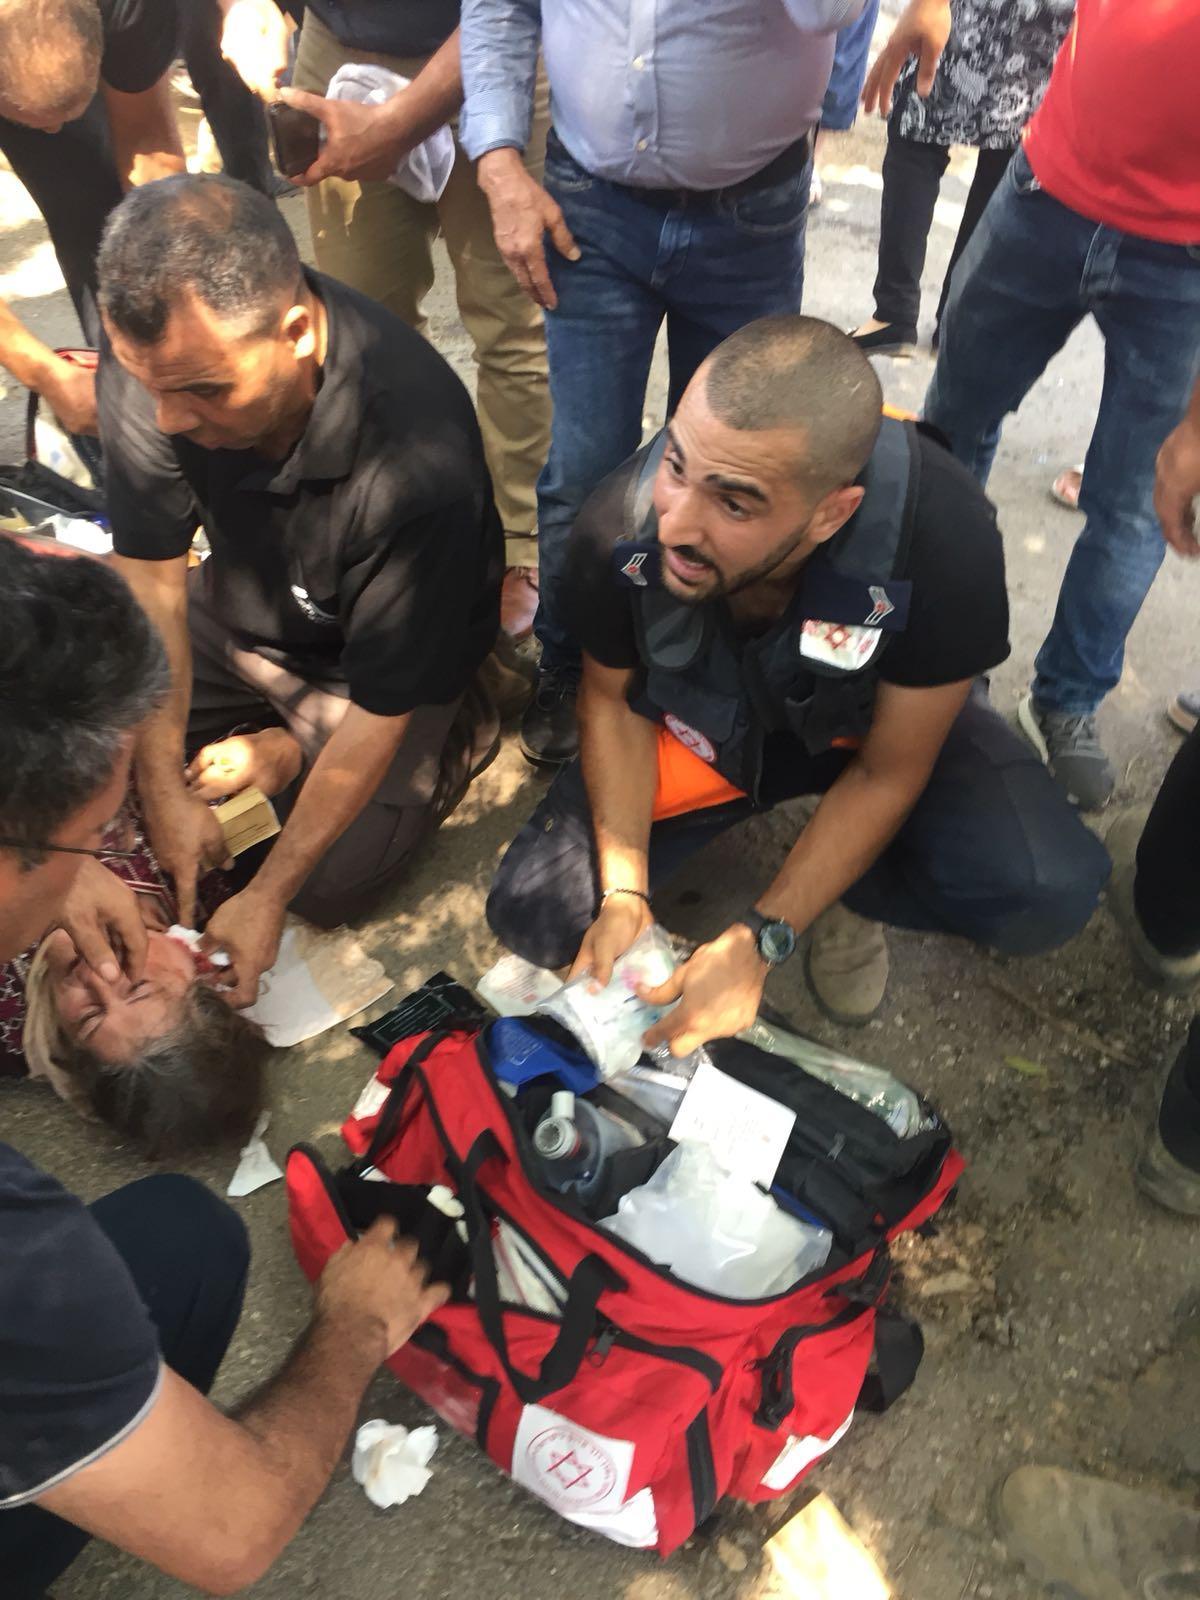 هدم في سخنين: إصابة خطيرة واعتقالات